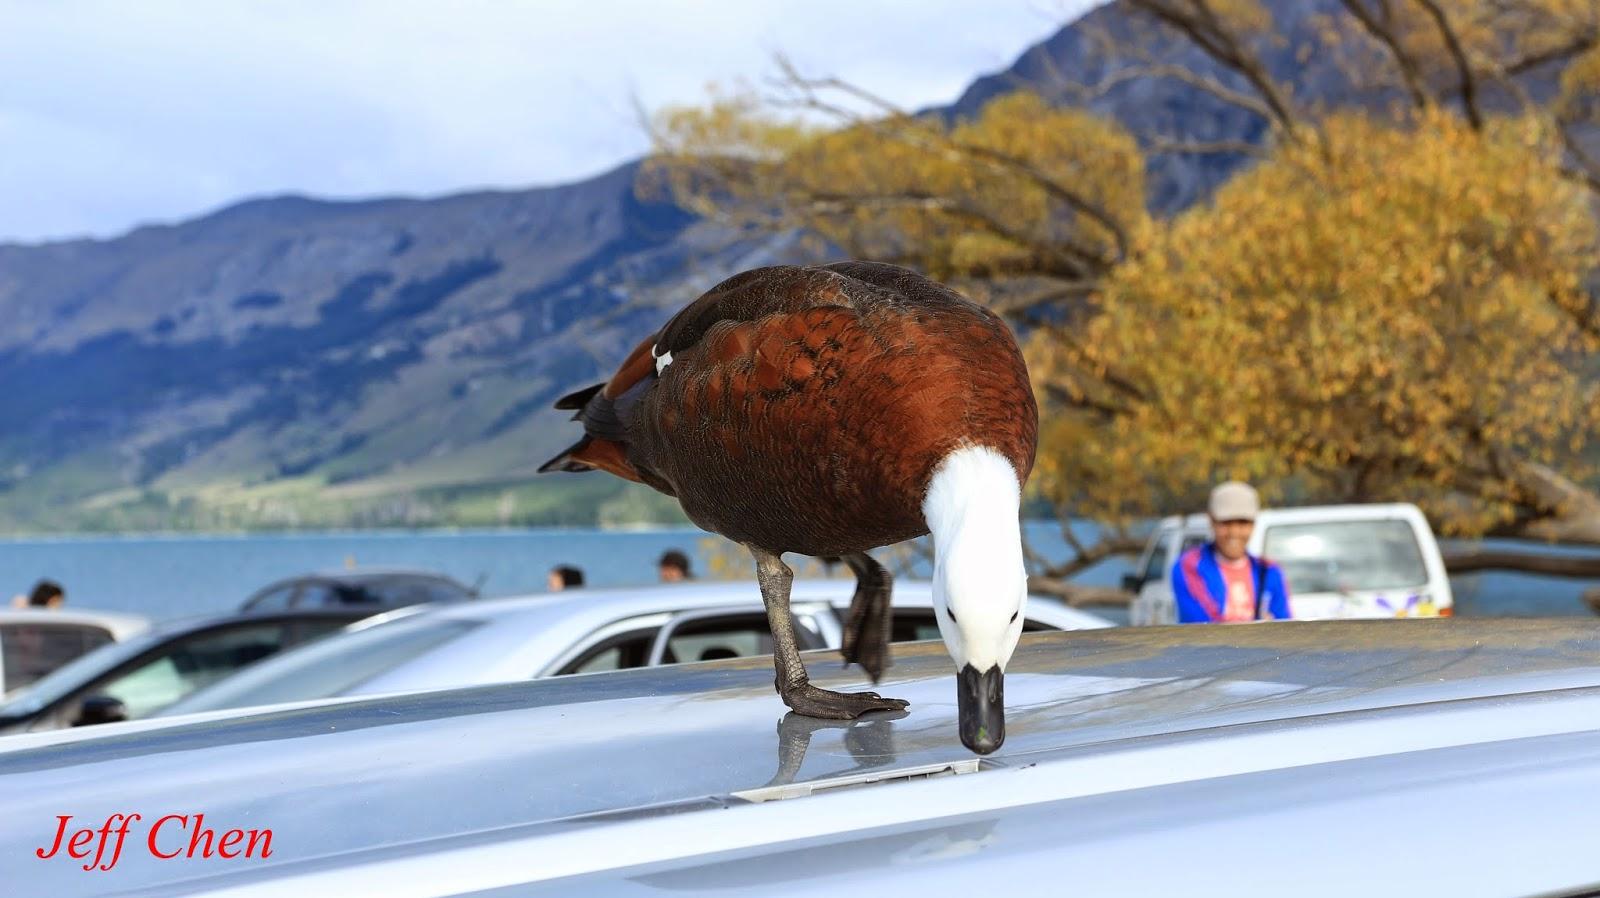 Jeff Chen登山旅遊攝影Blog --行觀坐看集: 紐西蘭南島中部秋天14日登山旅遊--Queenstown & Glenorchy (J--004)